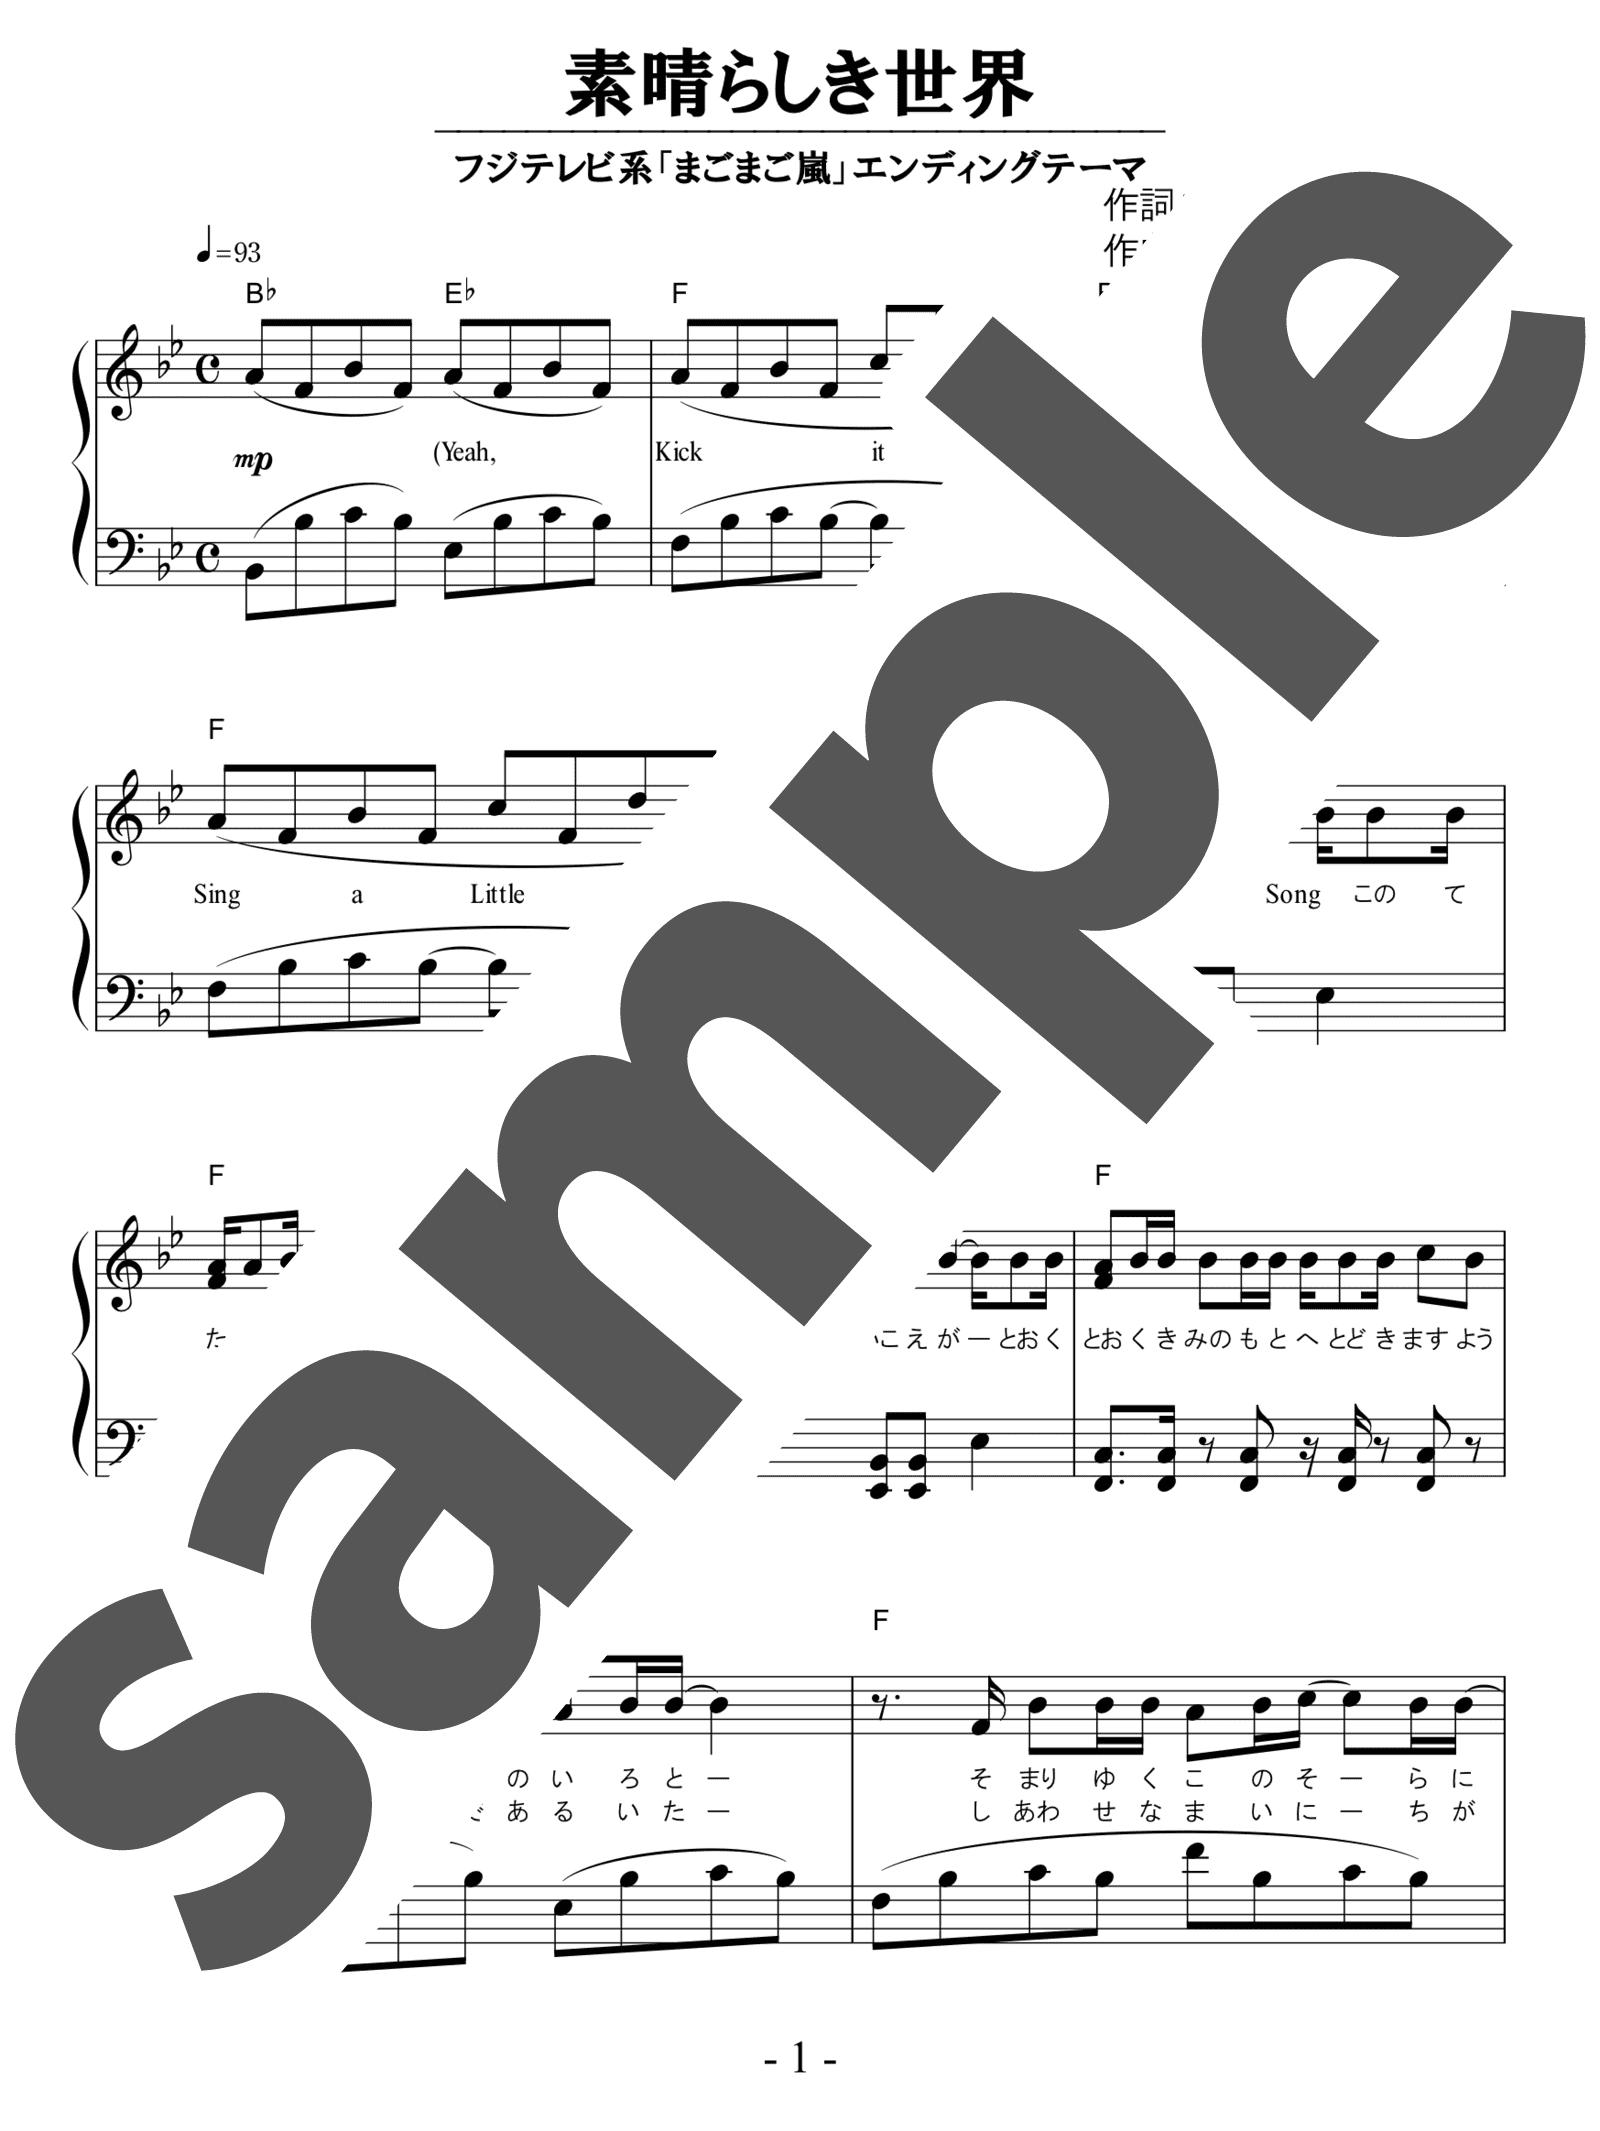 「素晴らしき世界」のサンプル楽譜